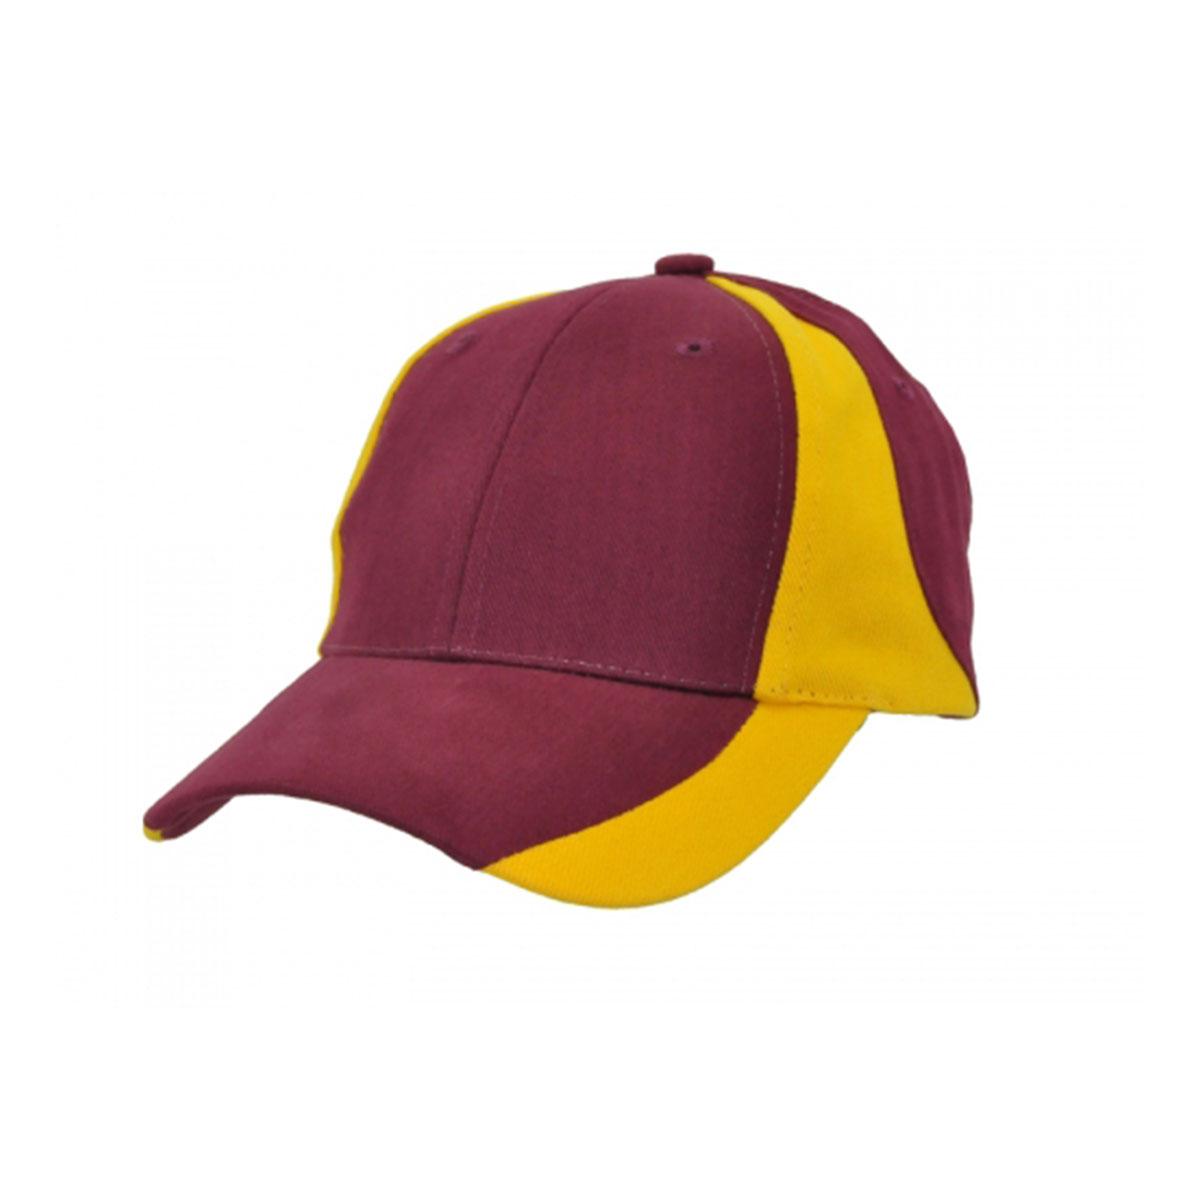 Vertek Cap-Maroon / Aussie Gold